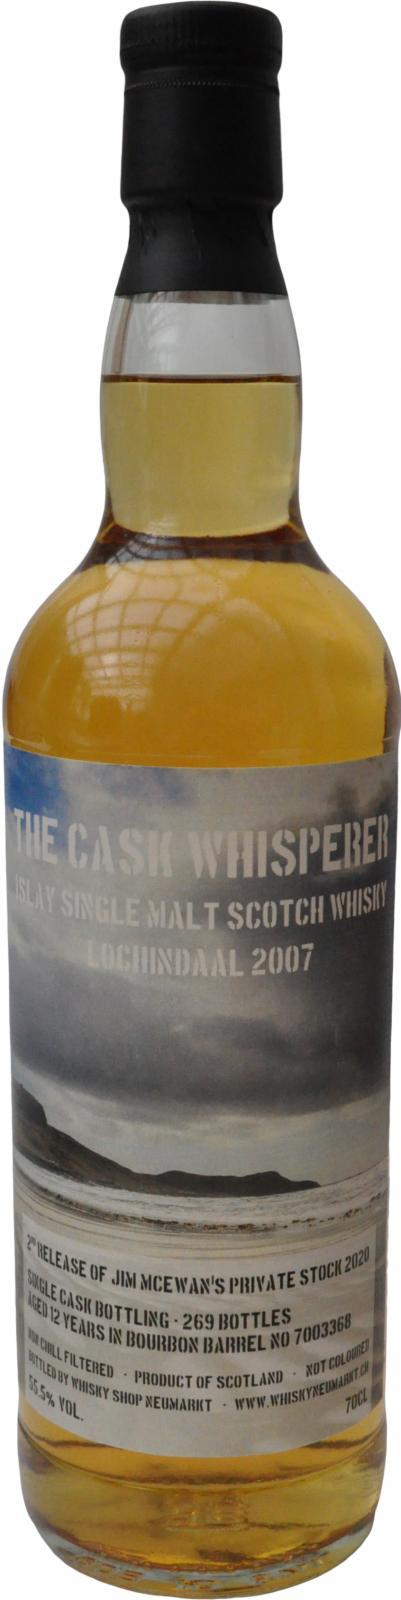 Lochindaal 2007 TCW